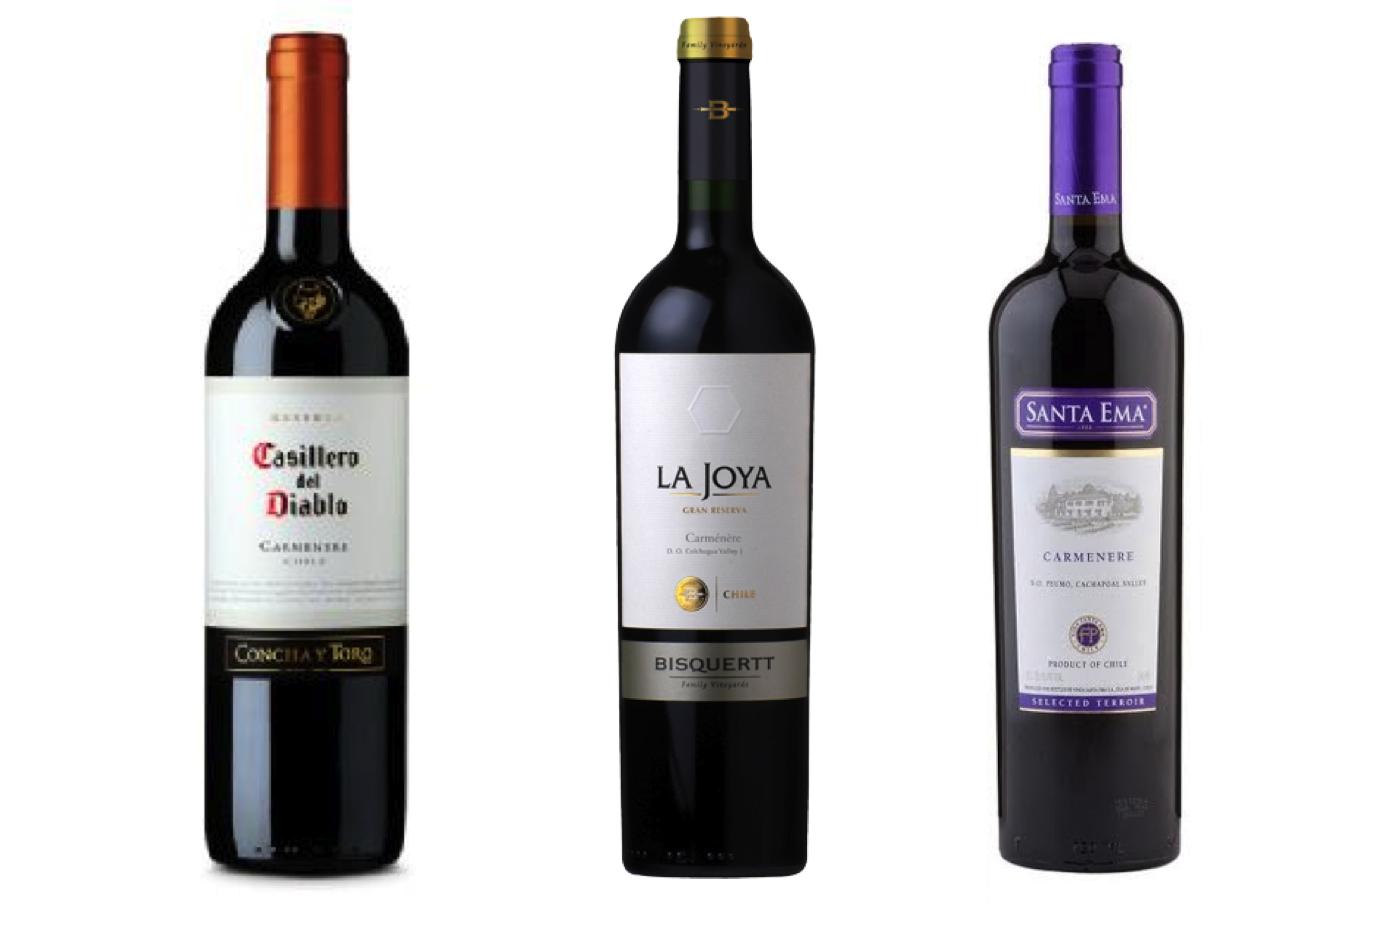 Carmenere - Vinho frutado e com baixo teor de álcool